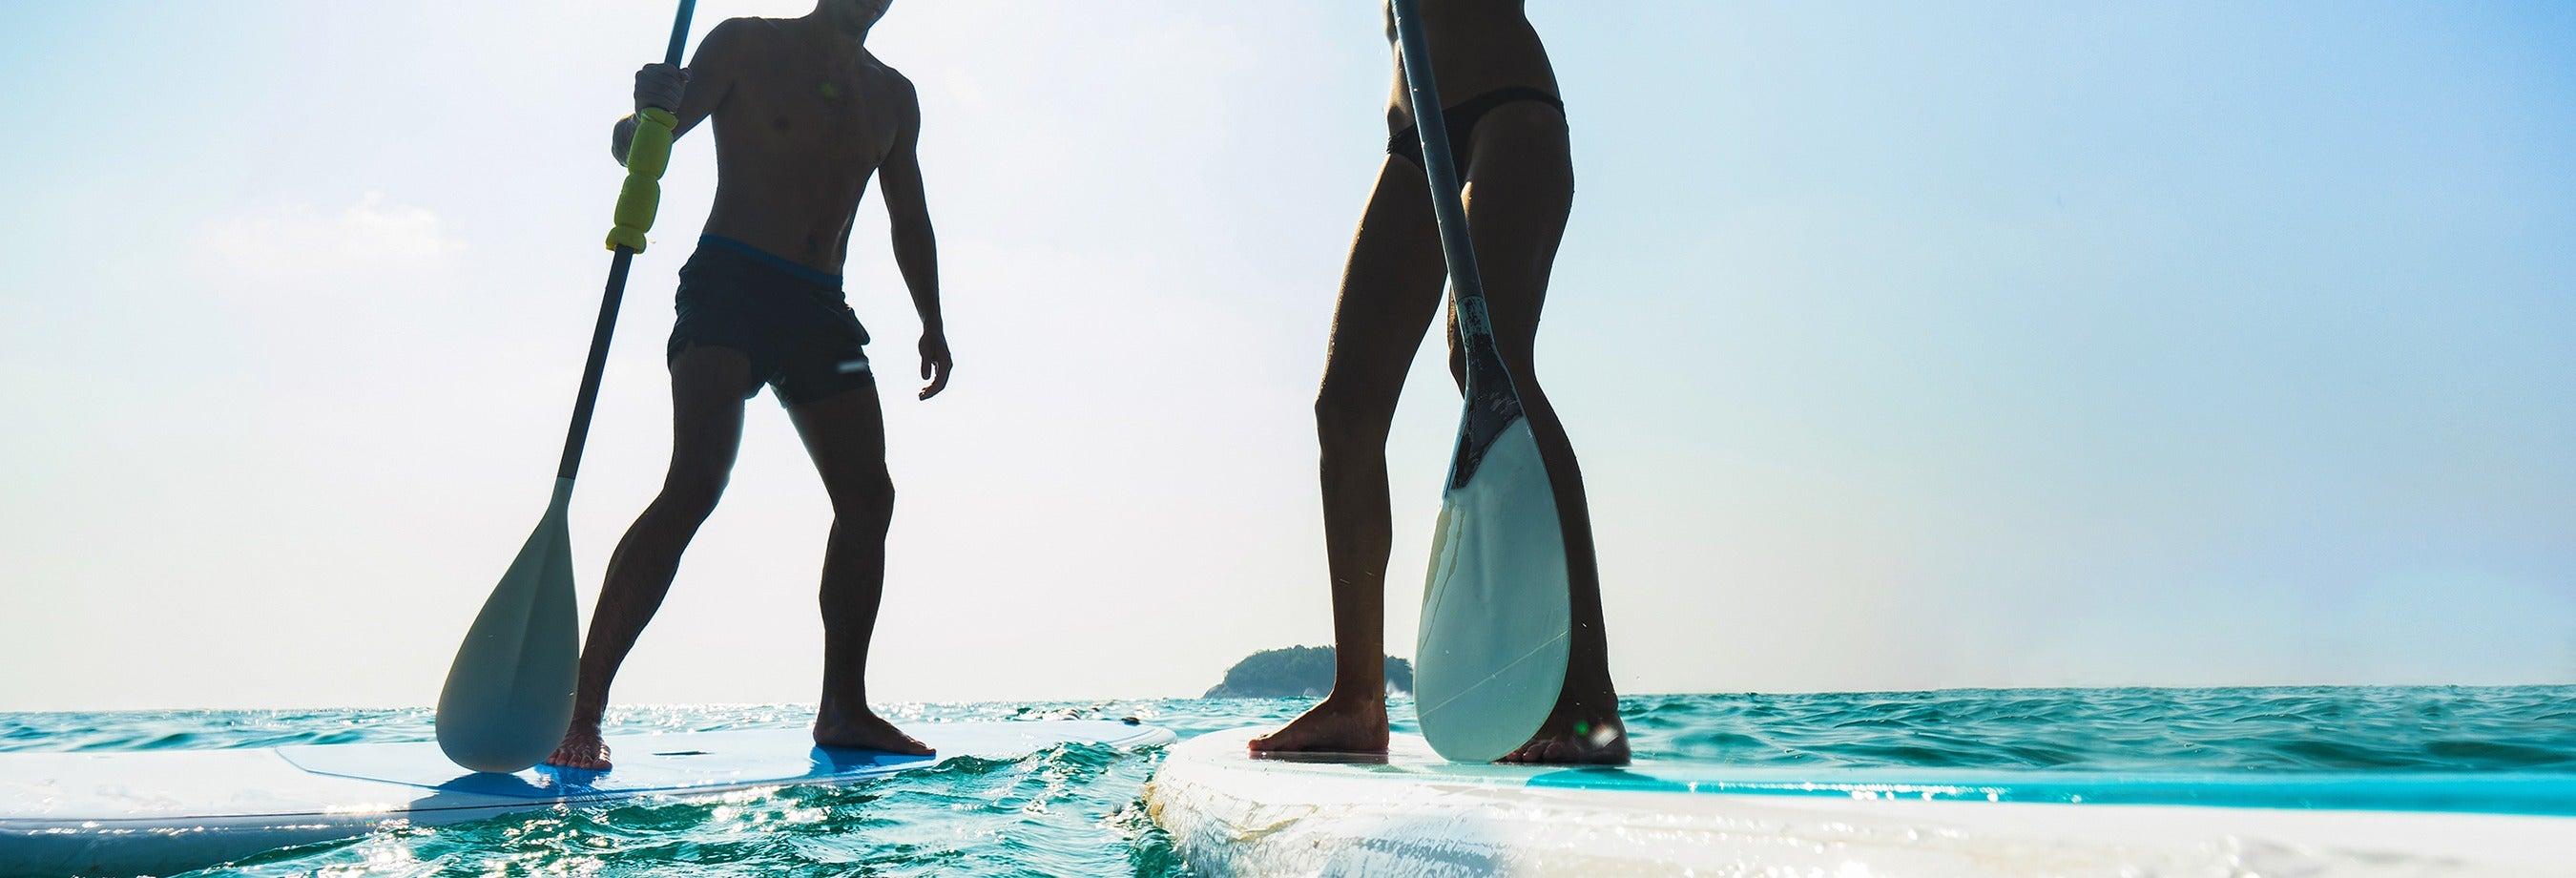 Location de paddle à Sancti Petri